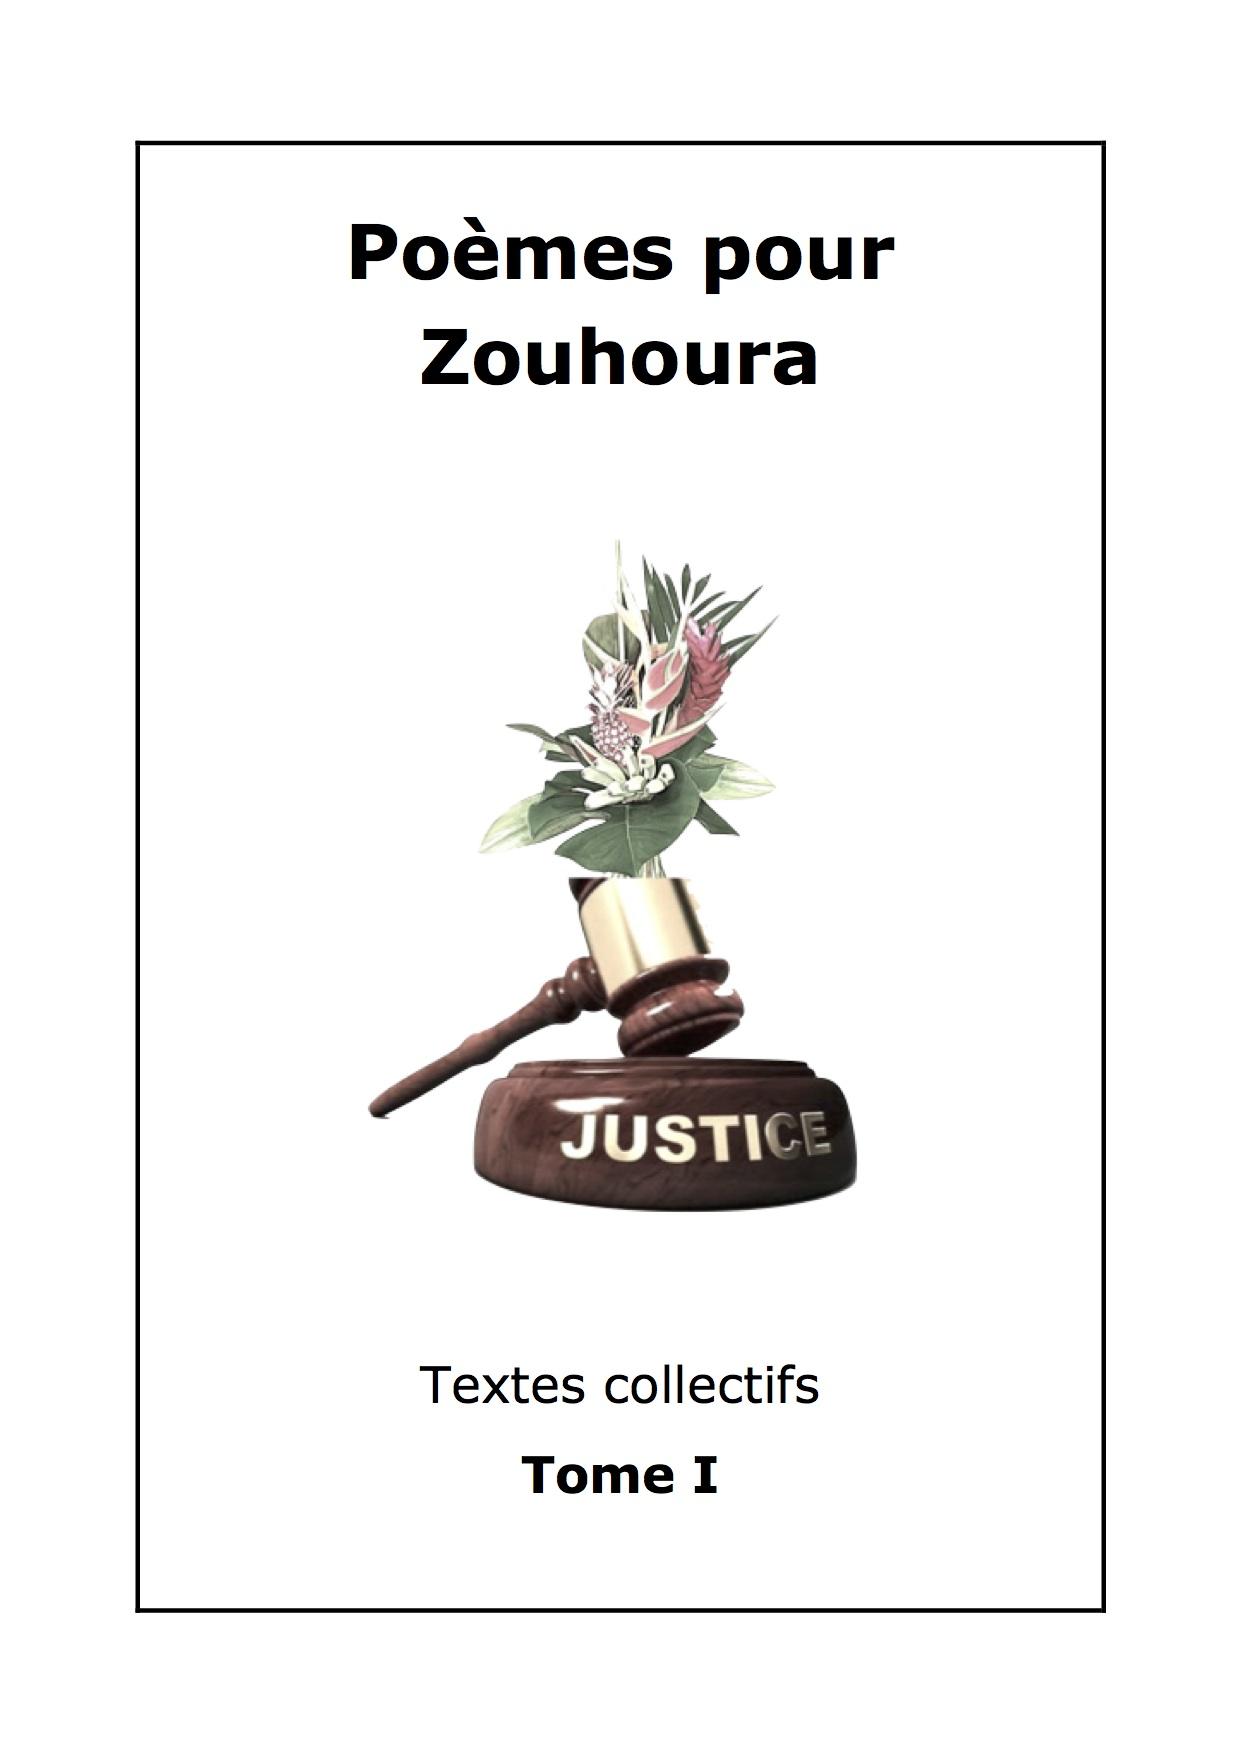 Littérature : un recueil de poèmes pour Zouhoura